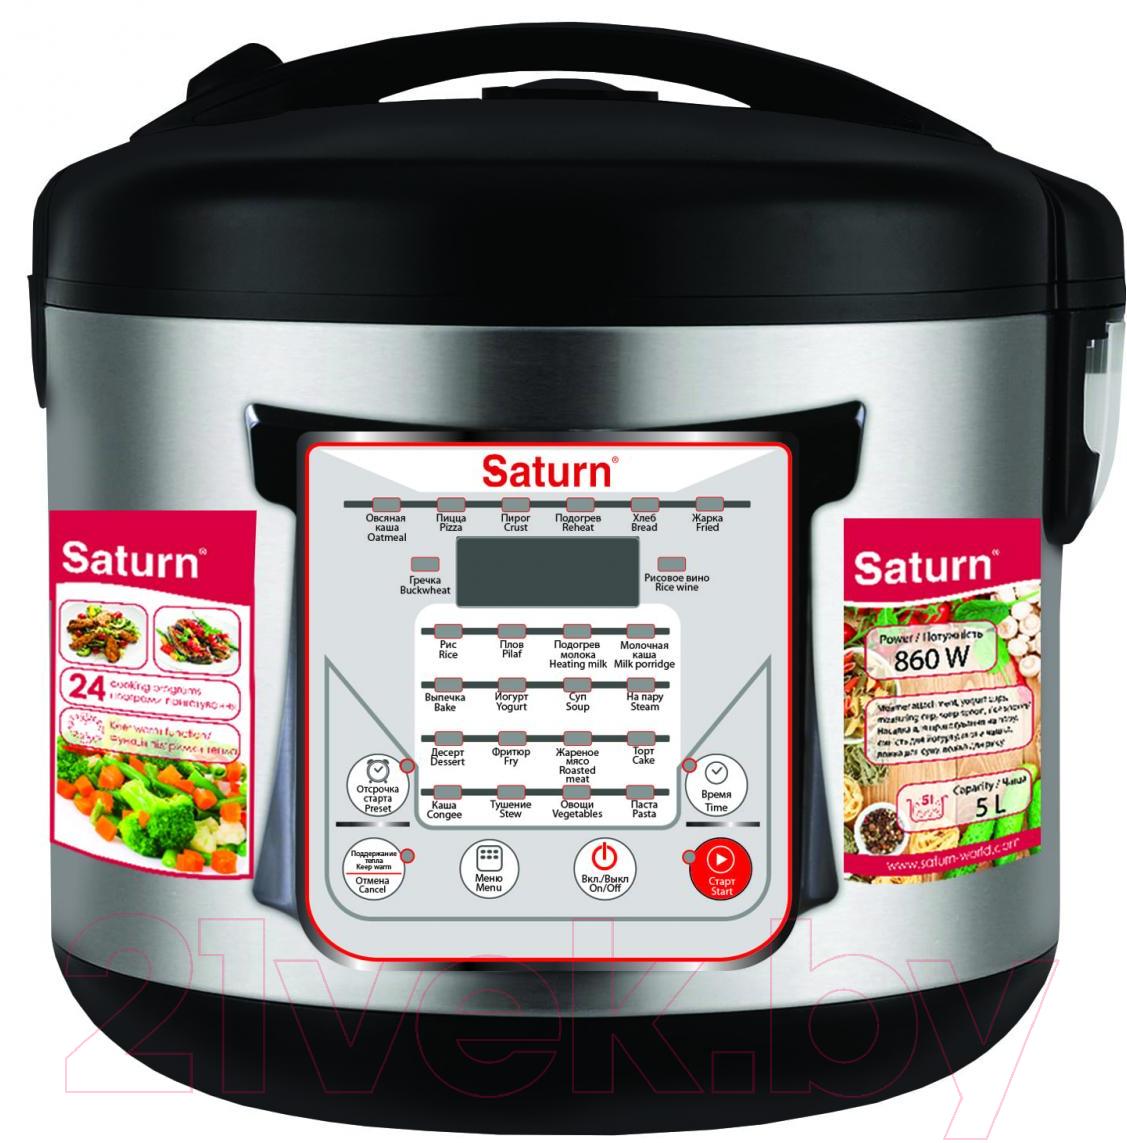 Купить Мультиварка Saturn, ST-MC9208 (черный/сталь), Китай